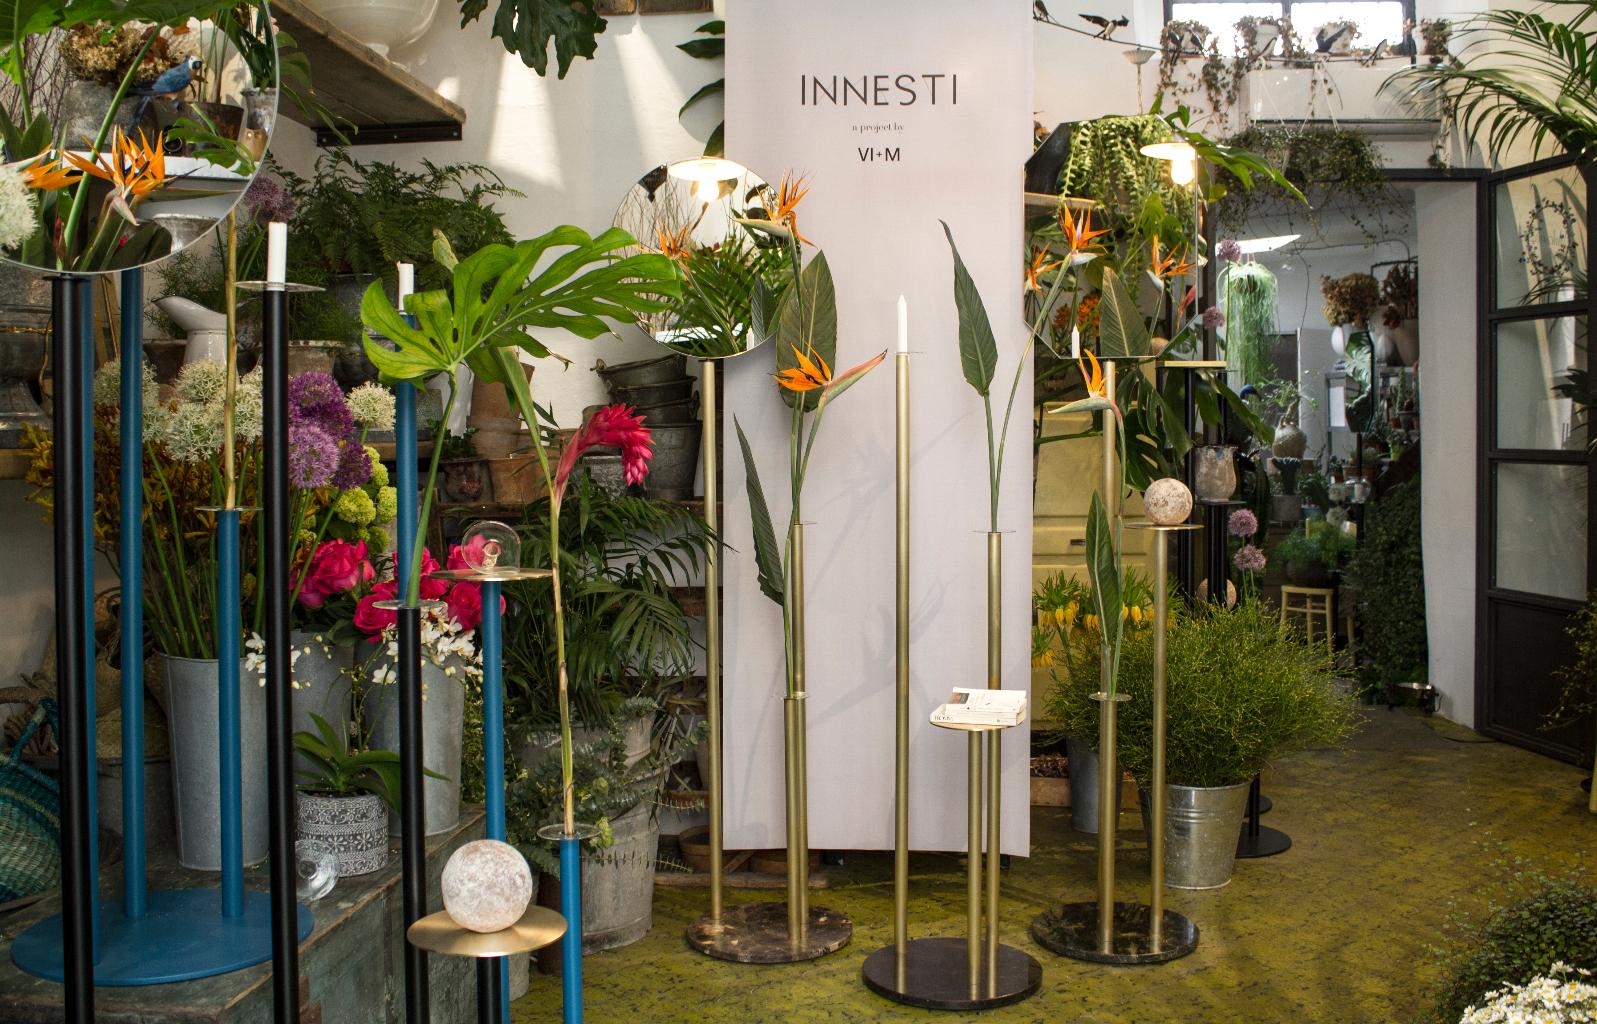 Installazione_Innesti_VI+M_02